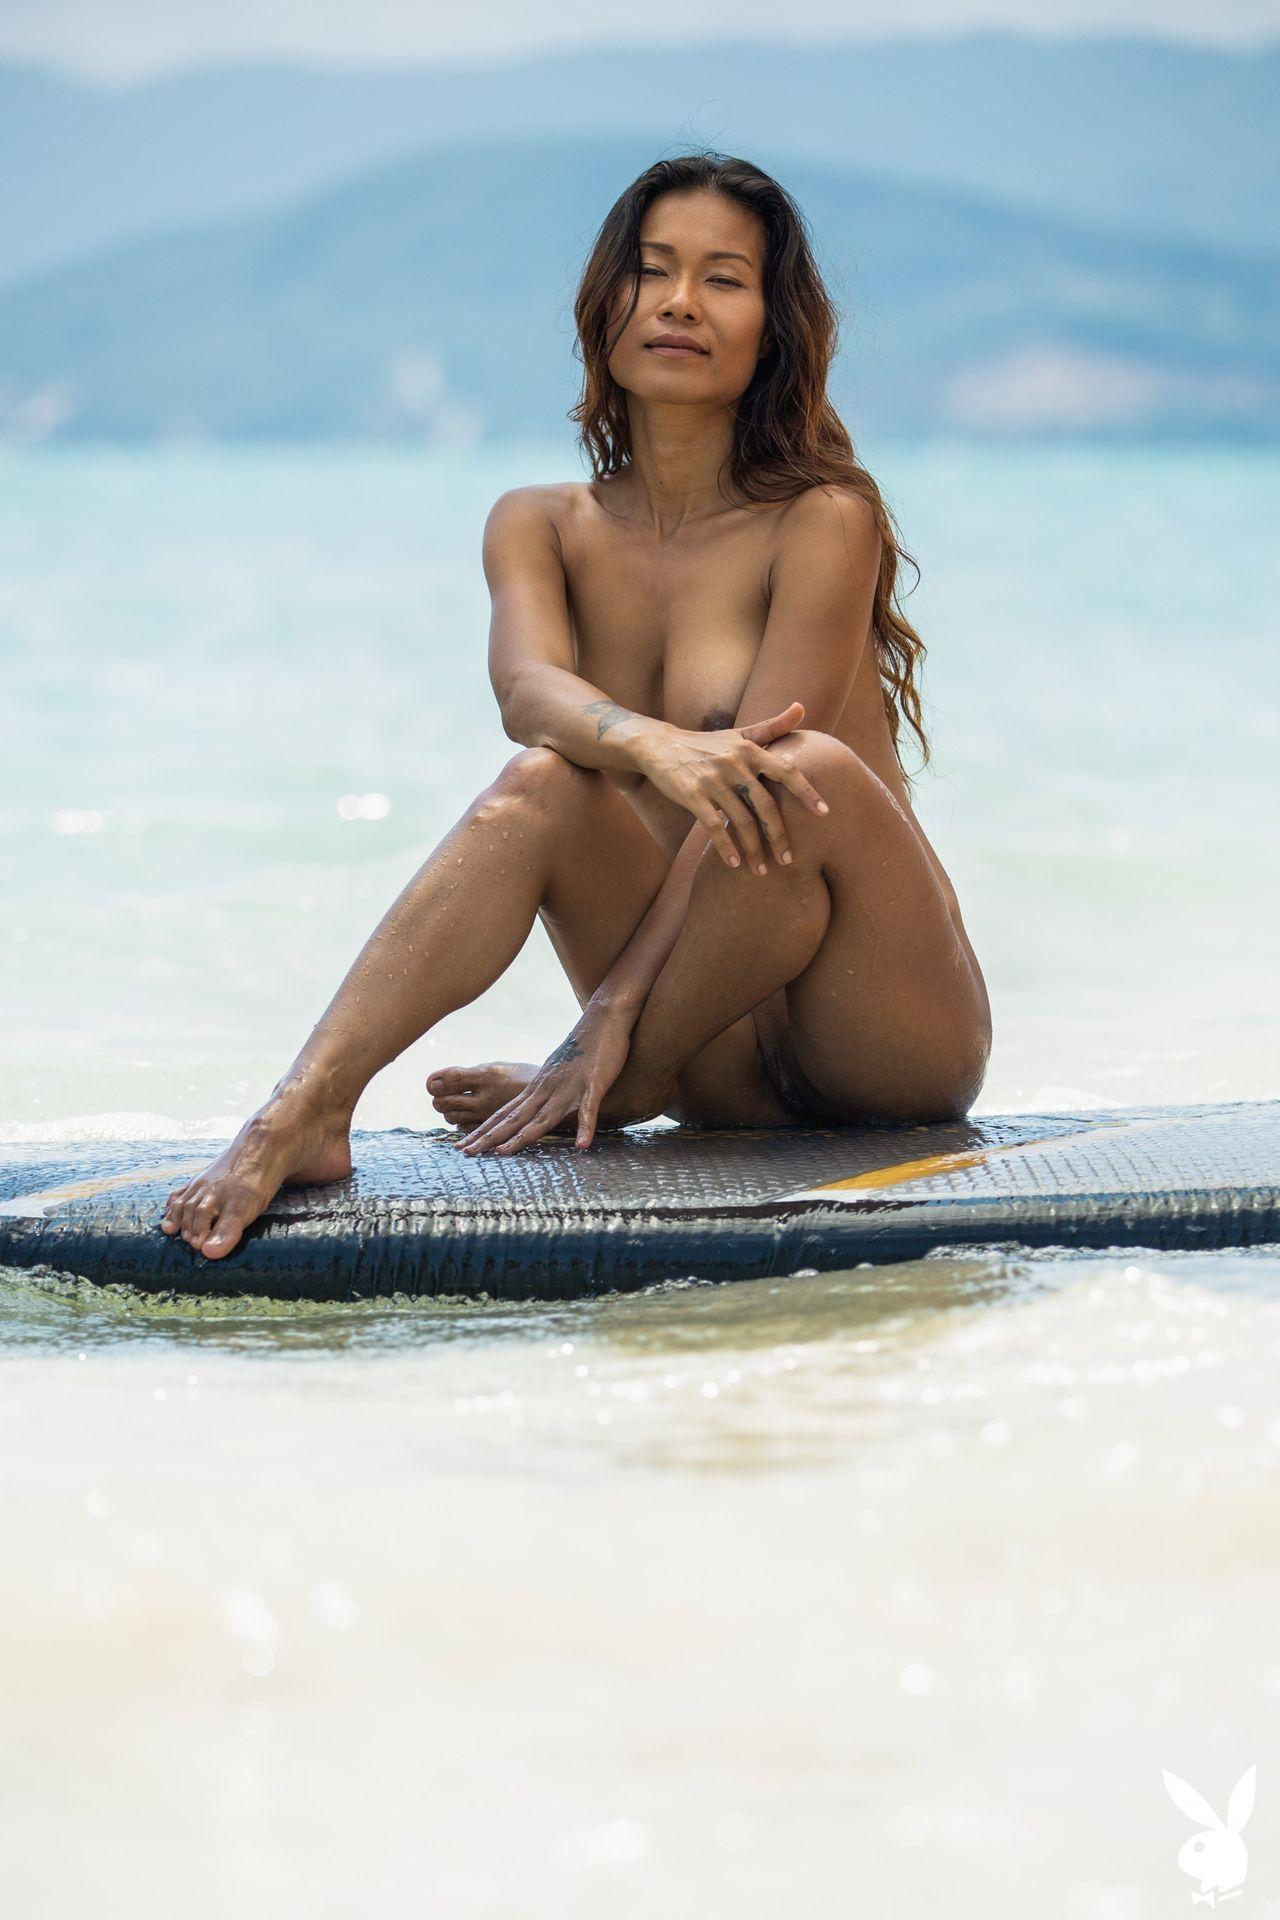 Maki Katana Nude – Catching A Wave 0022